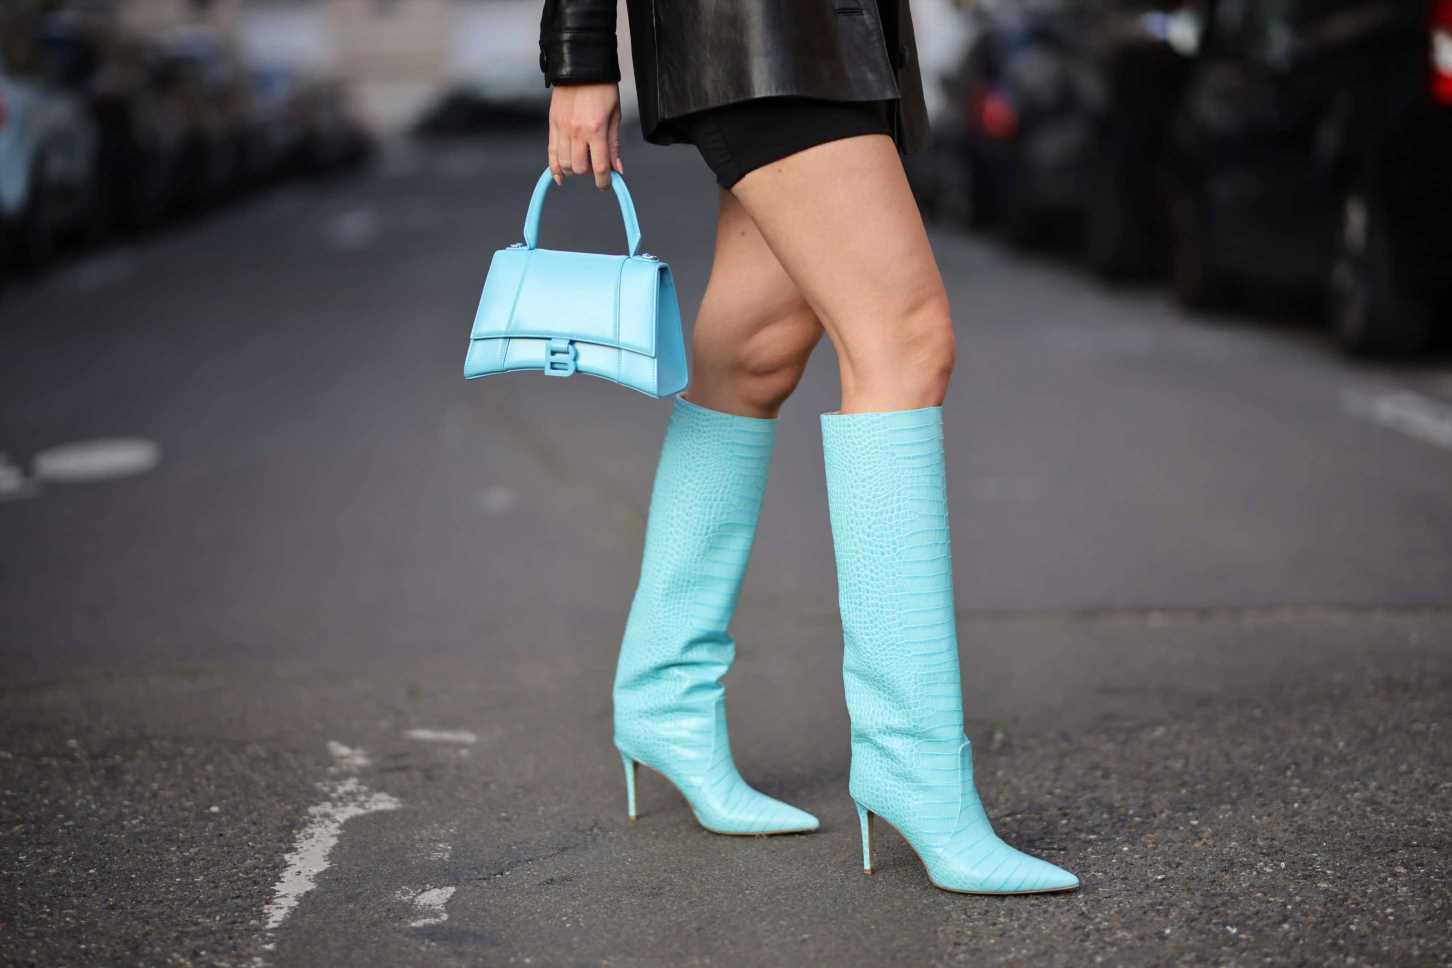 Llegan a Uterqüe las botas de cocodrilo que han enloquecido a las editoras de moda